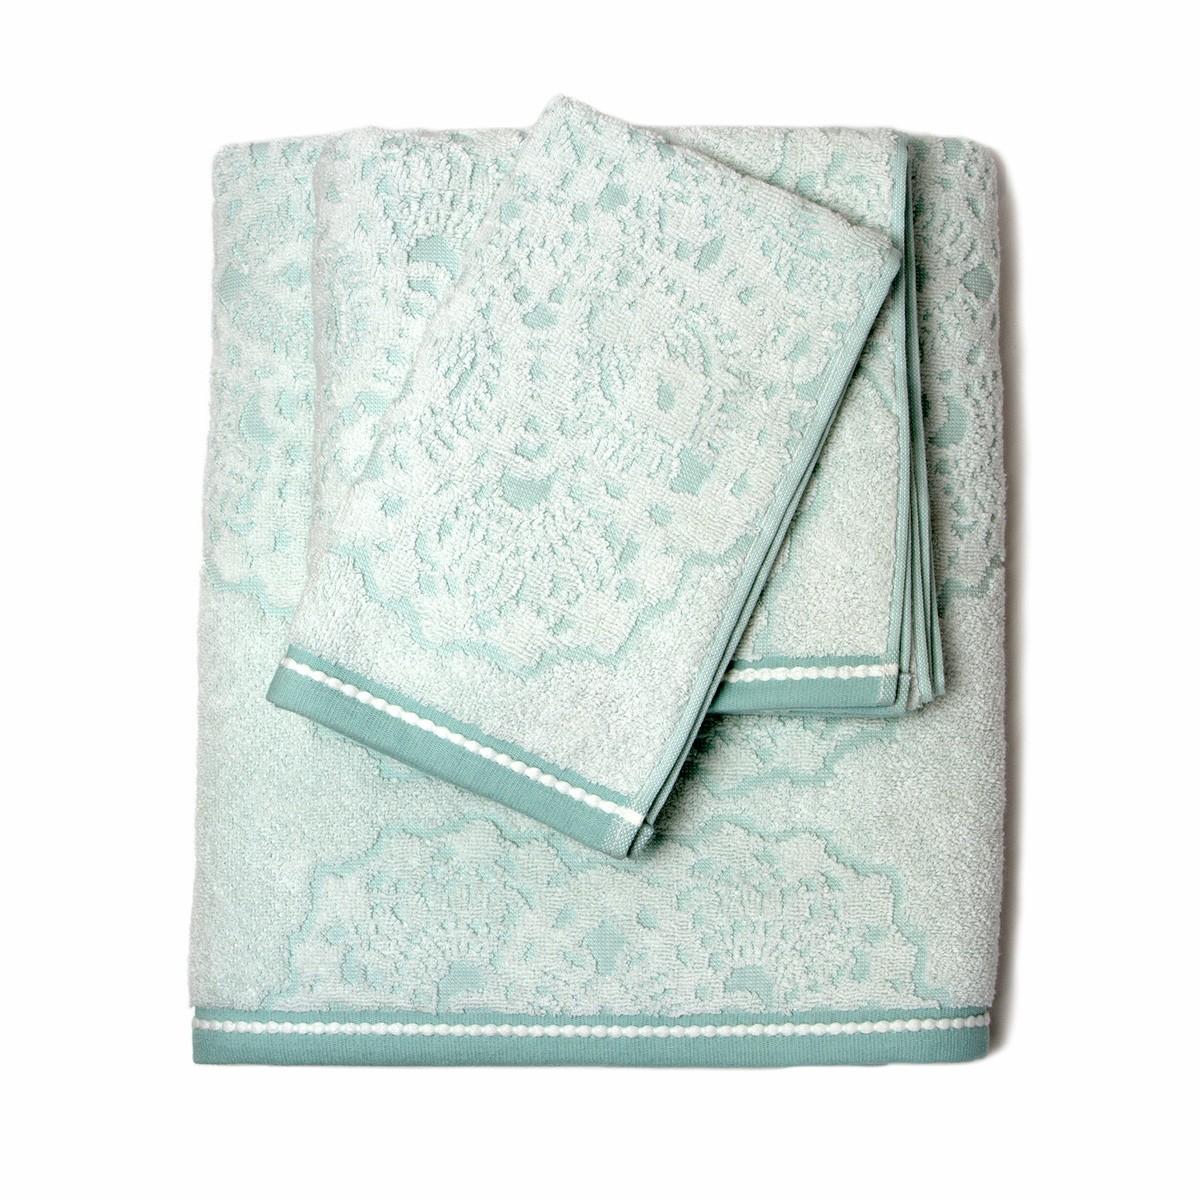 Πετσέτα Σώματος (90x150) Laura Ashley Scroll D.Egg home   μπάνιο   πετσέτες μπάνιου